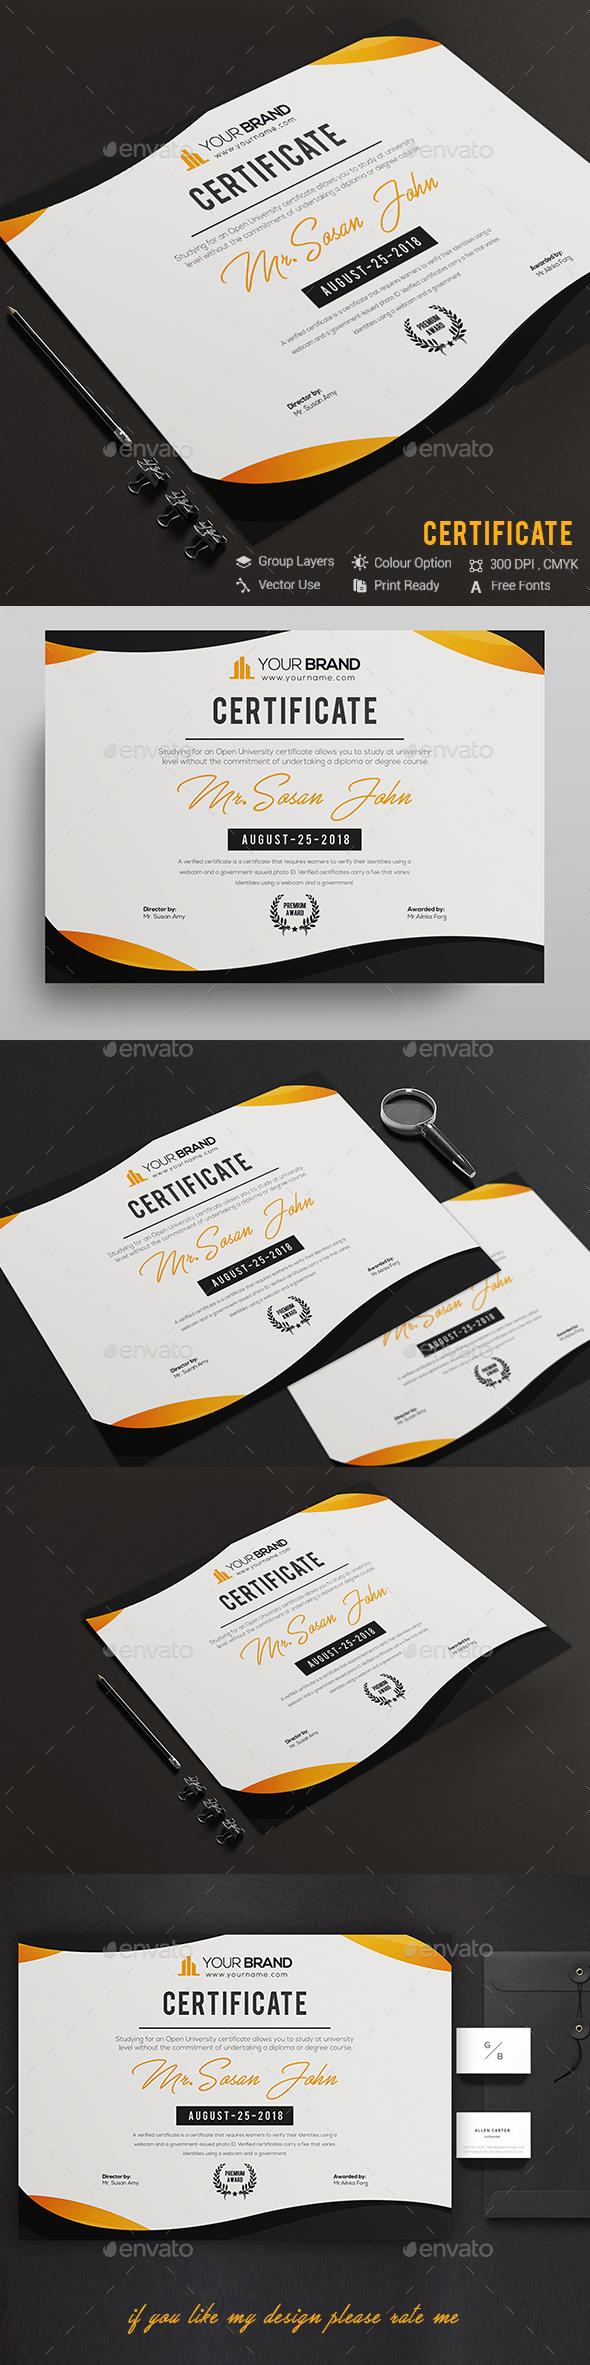 GraphicRiver Certificate 20508942